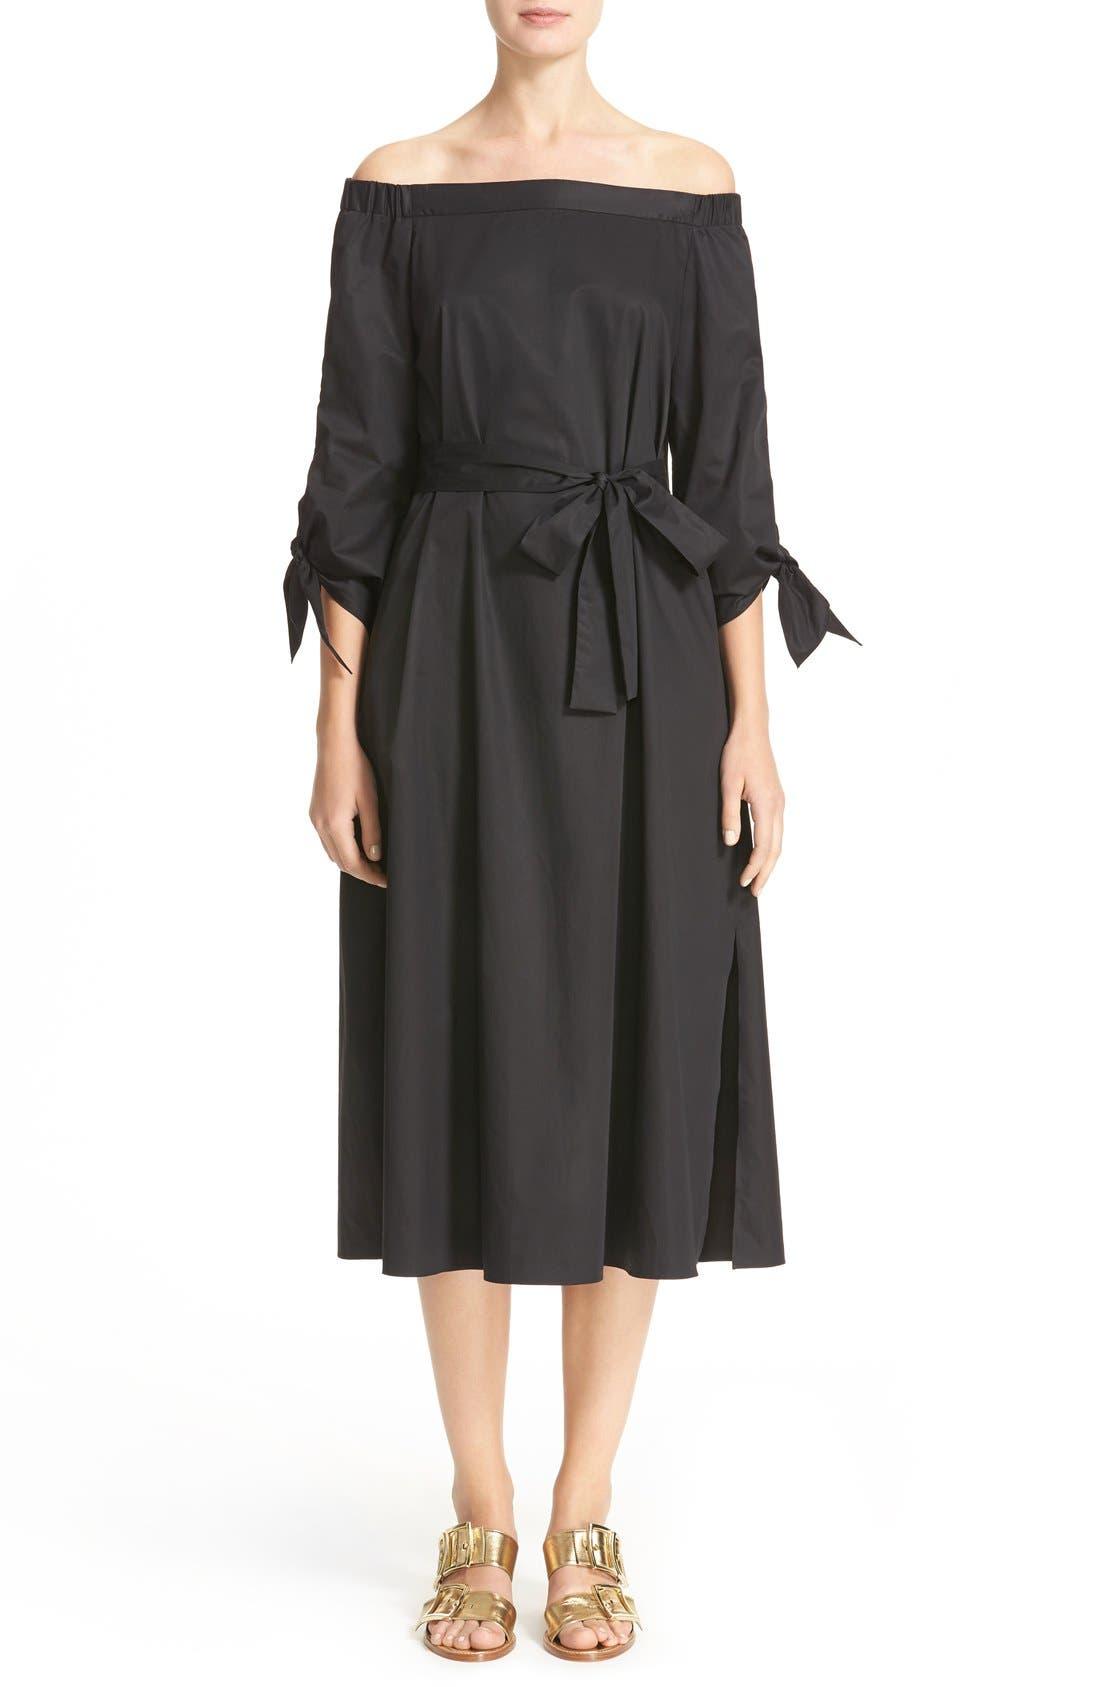 Alternate Image 1 Selected - Tibi Satin Poplin Belted Off the Shoulder Dress